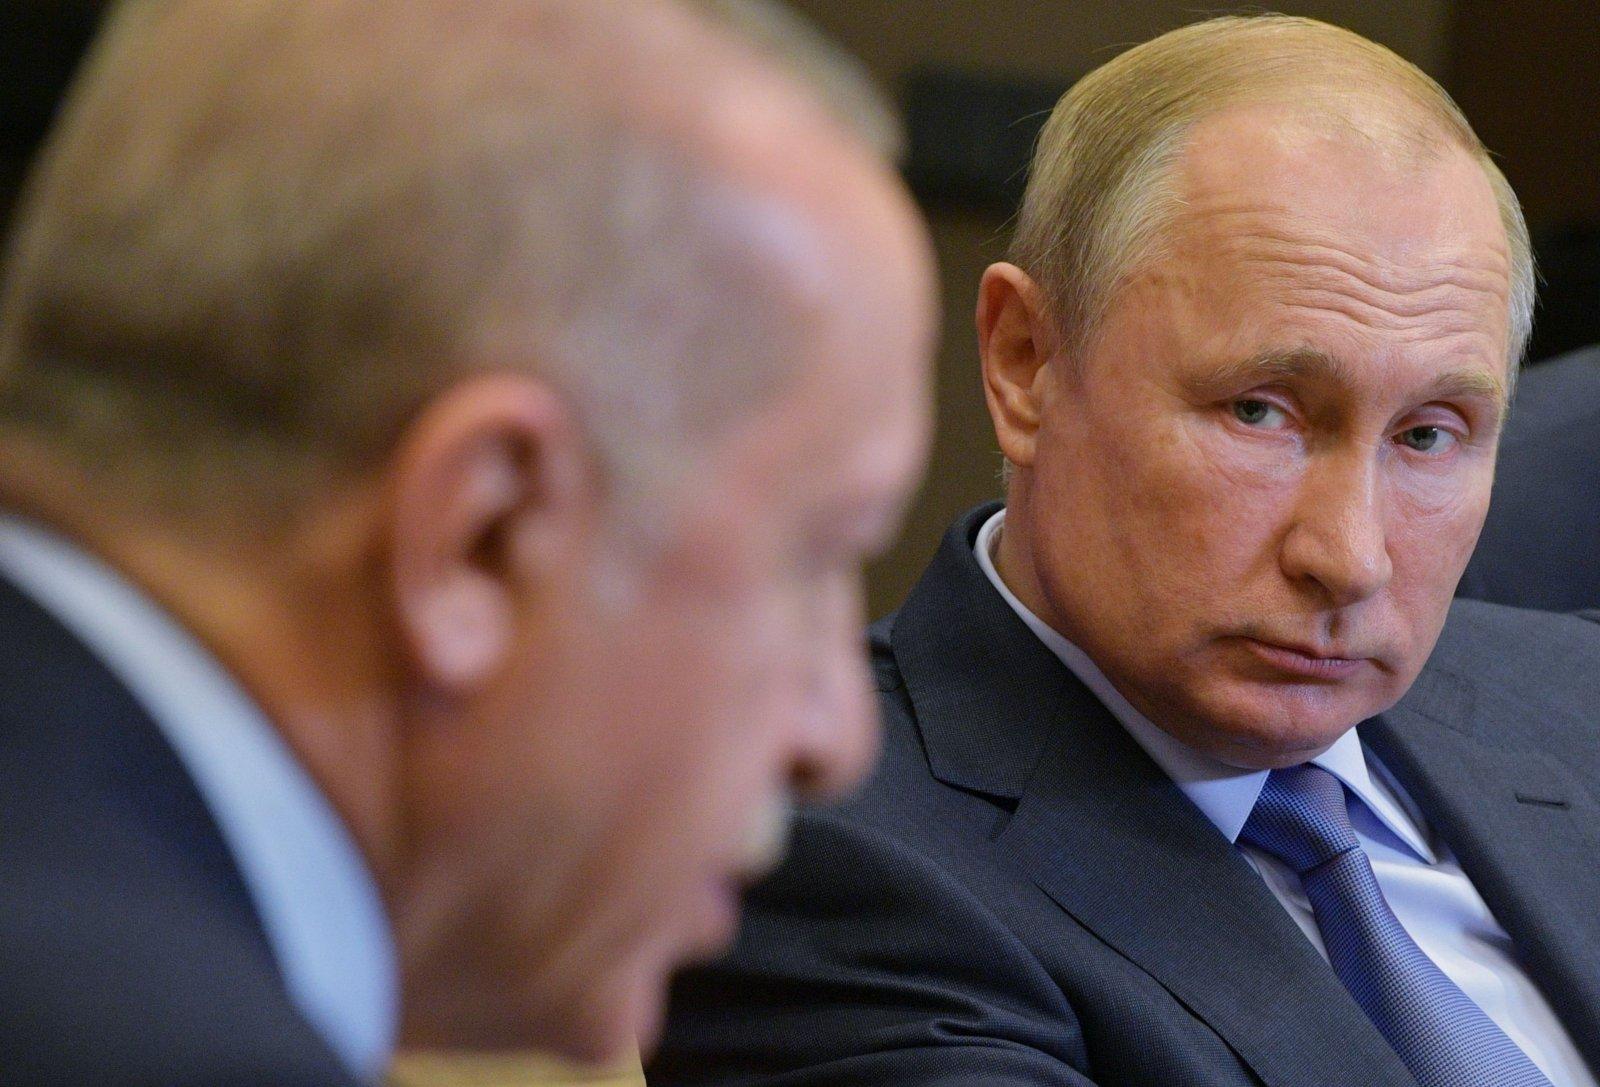 """Меркель заявила, что проект """"Северный поток - 2"""" необходимо реализовать несмотря на санкции США"""